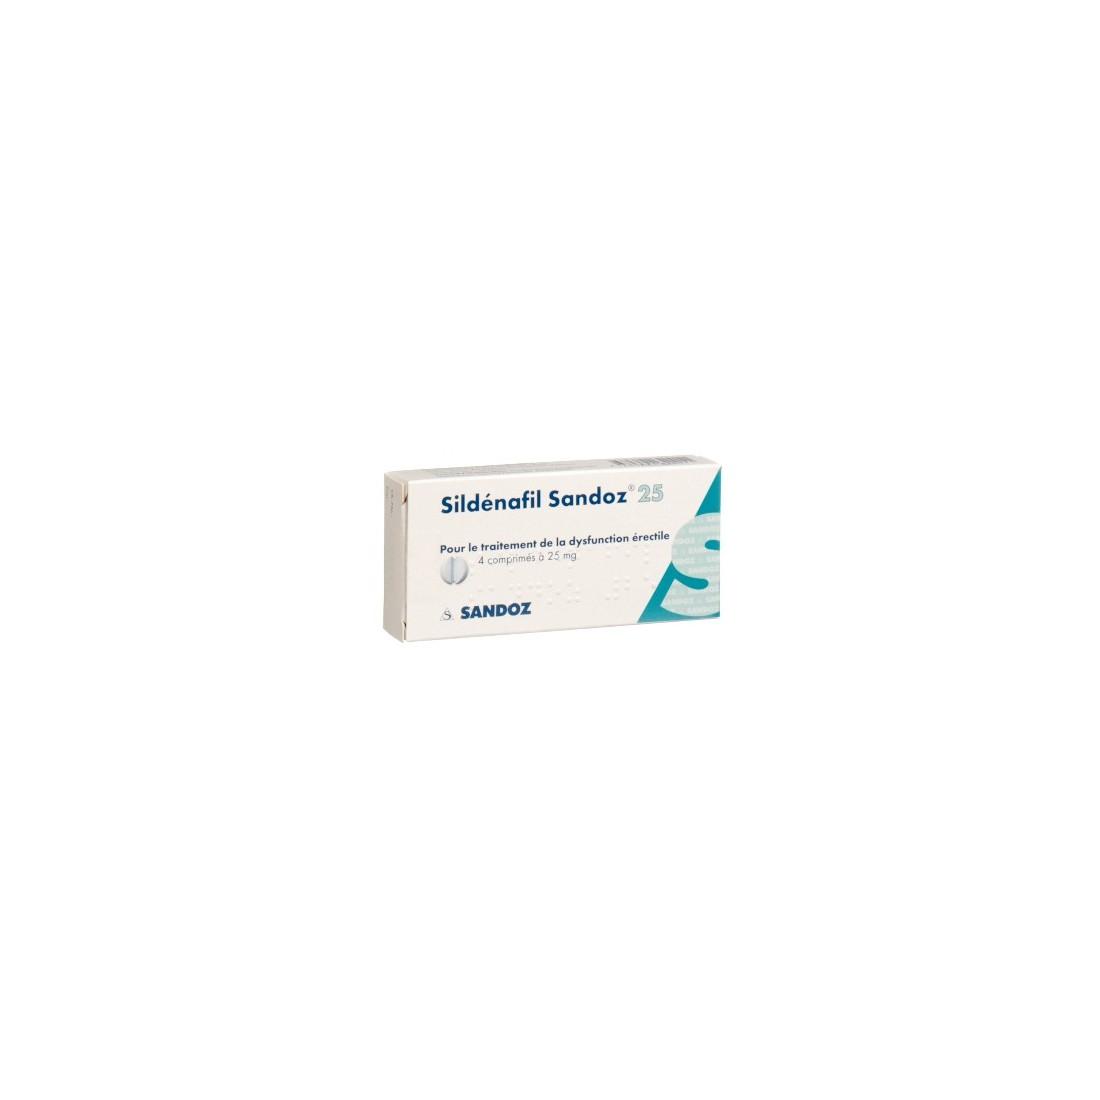 sildenafil 25 mg